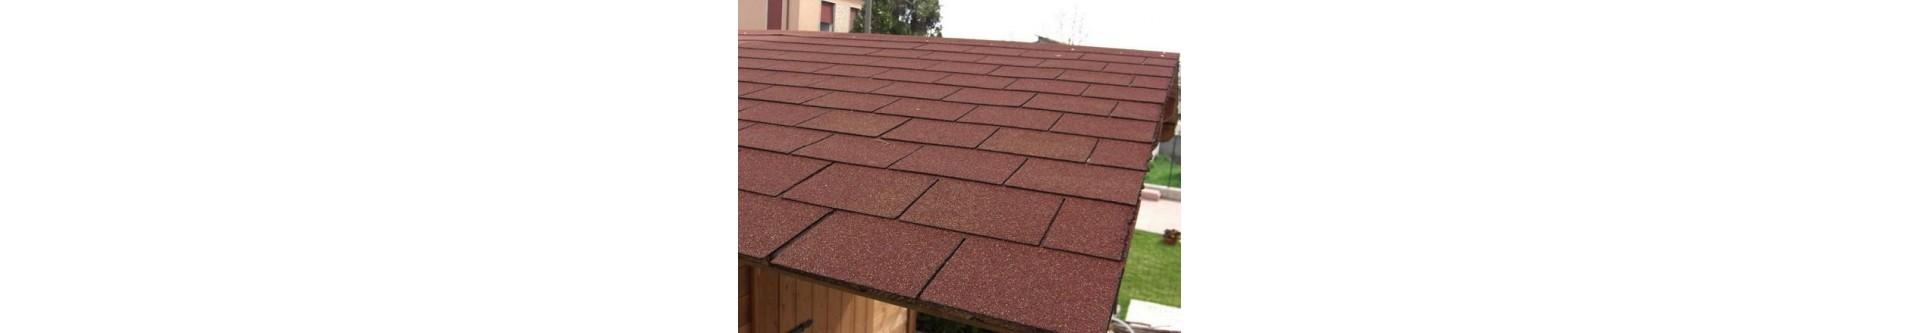 Cubiertas para tejado